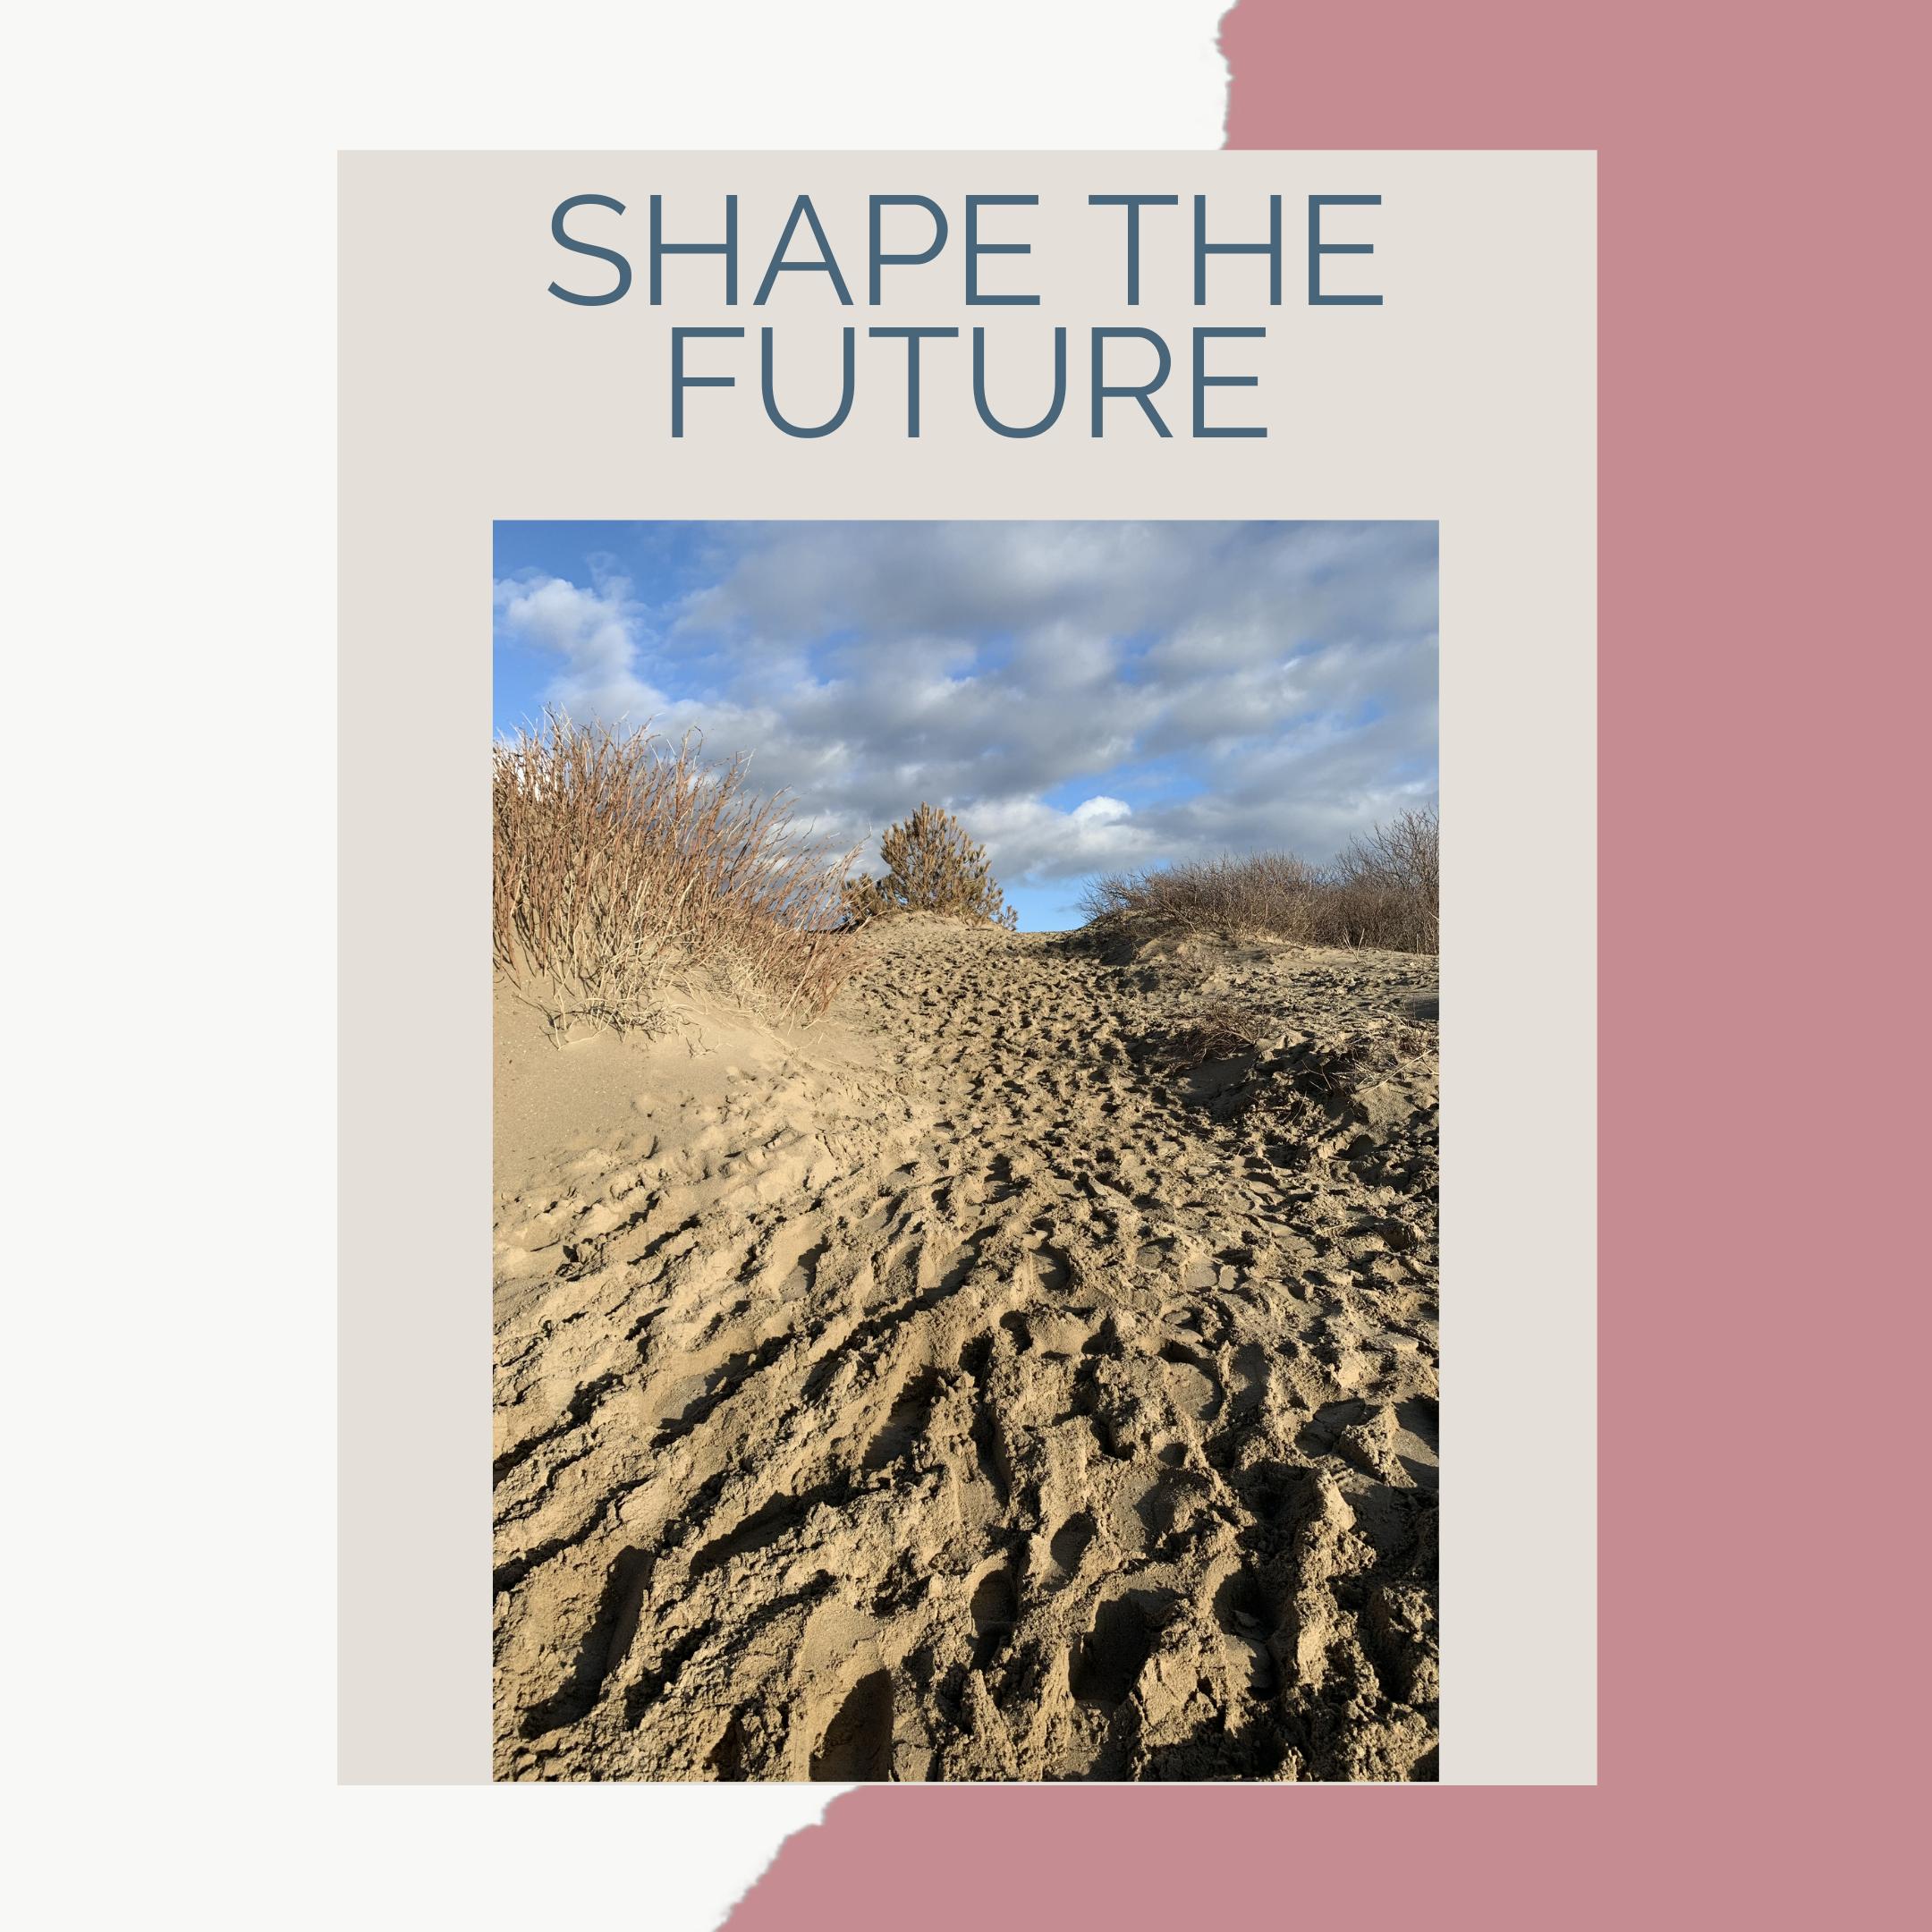 Focus op de toekomst